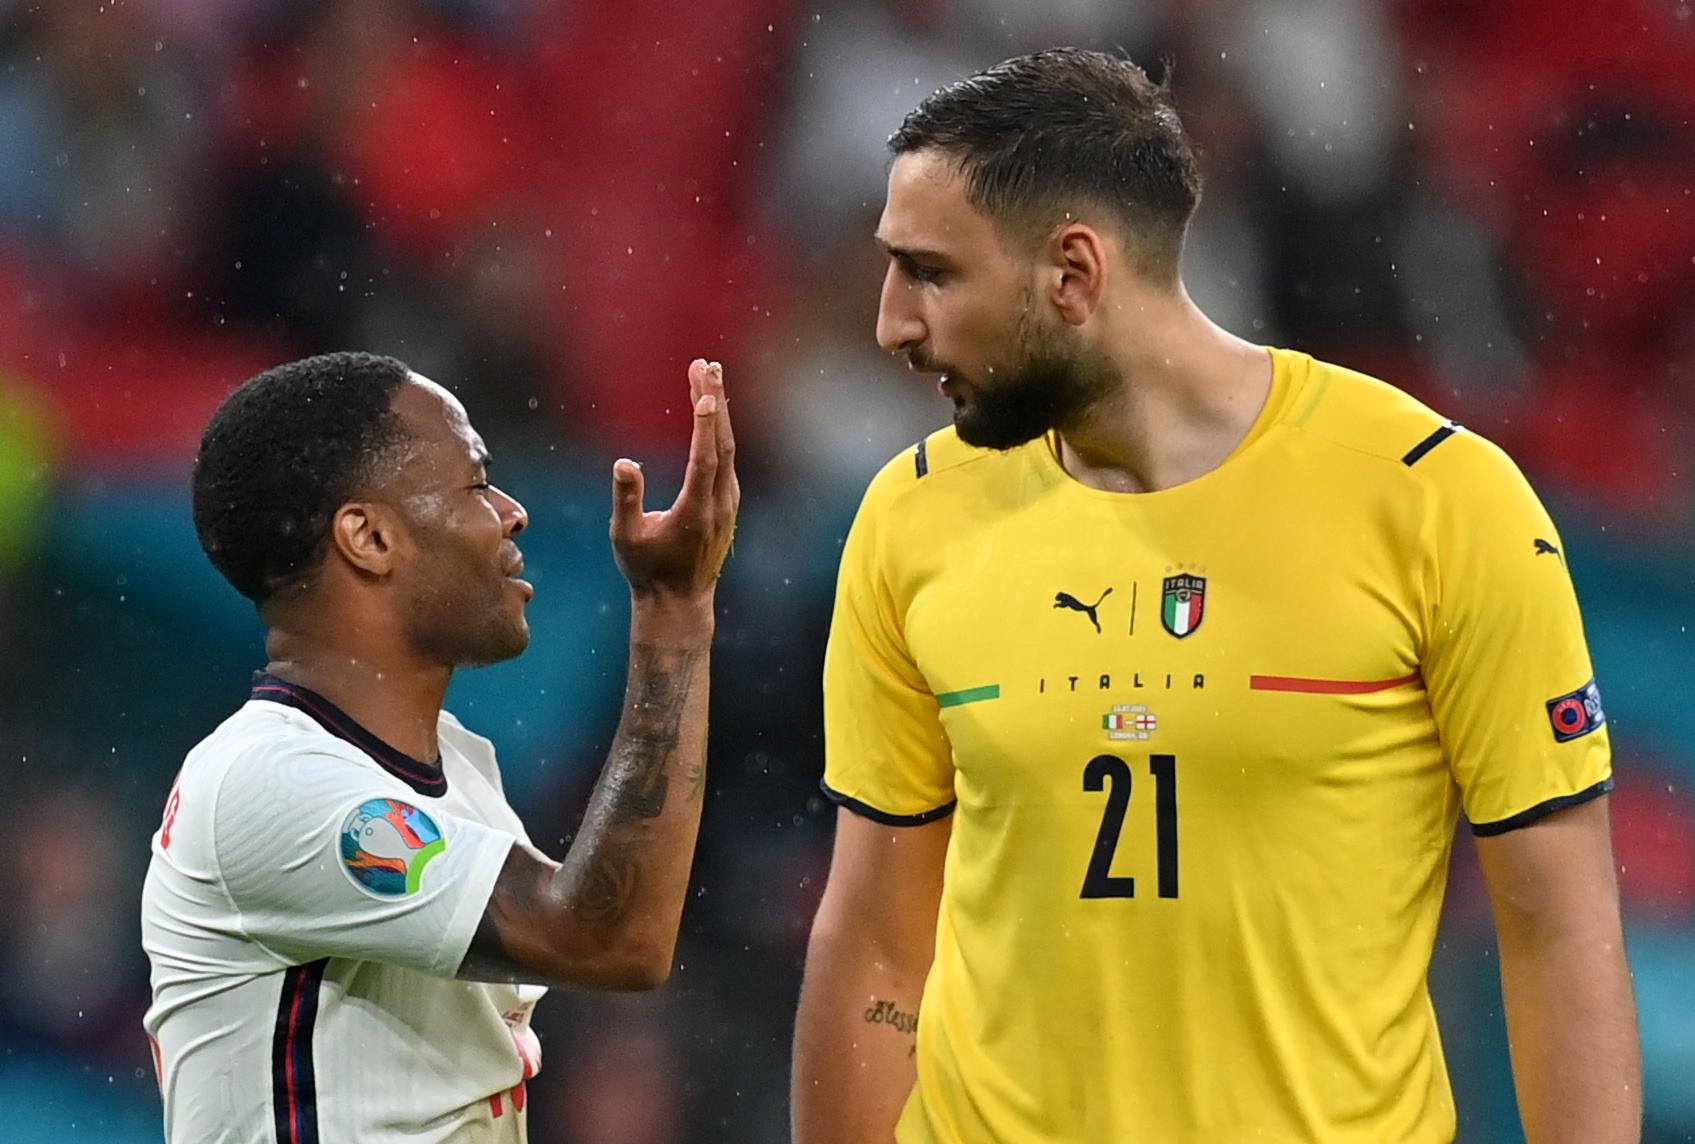 Euro 2020, Ιταλία – Αγγλία: Τα «άκουσε» ο Στέρλινγκ για ένα πέναλτι